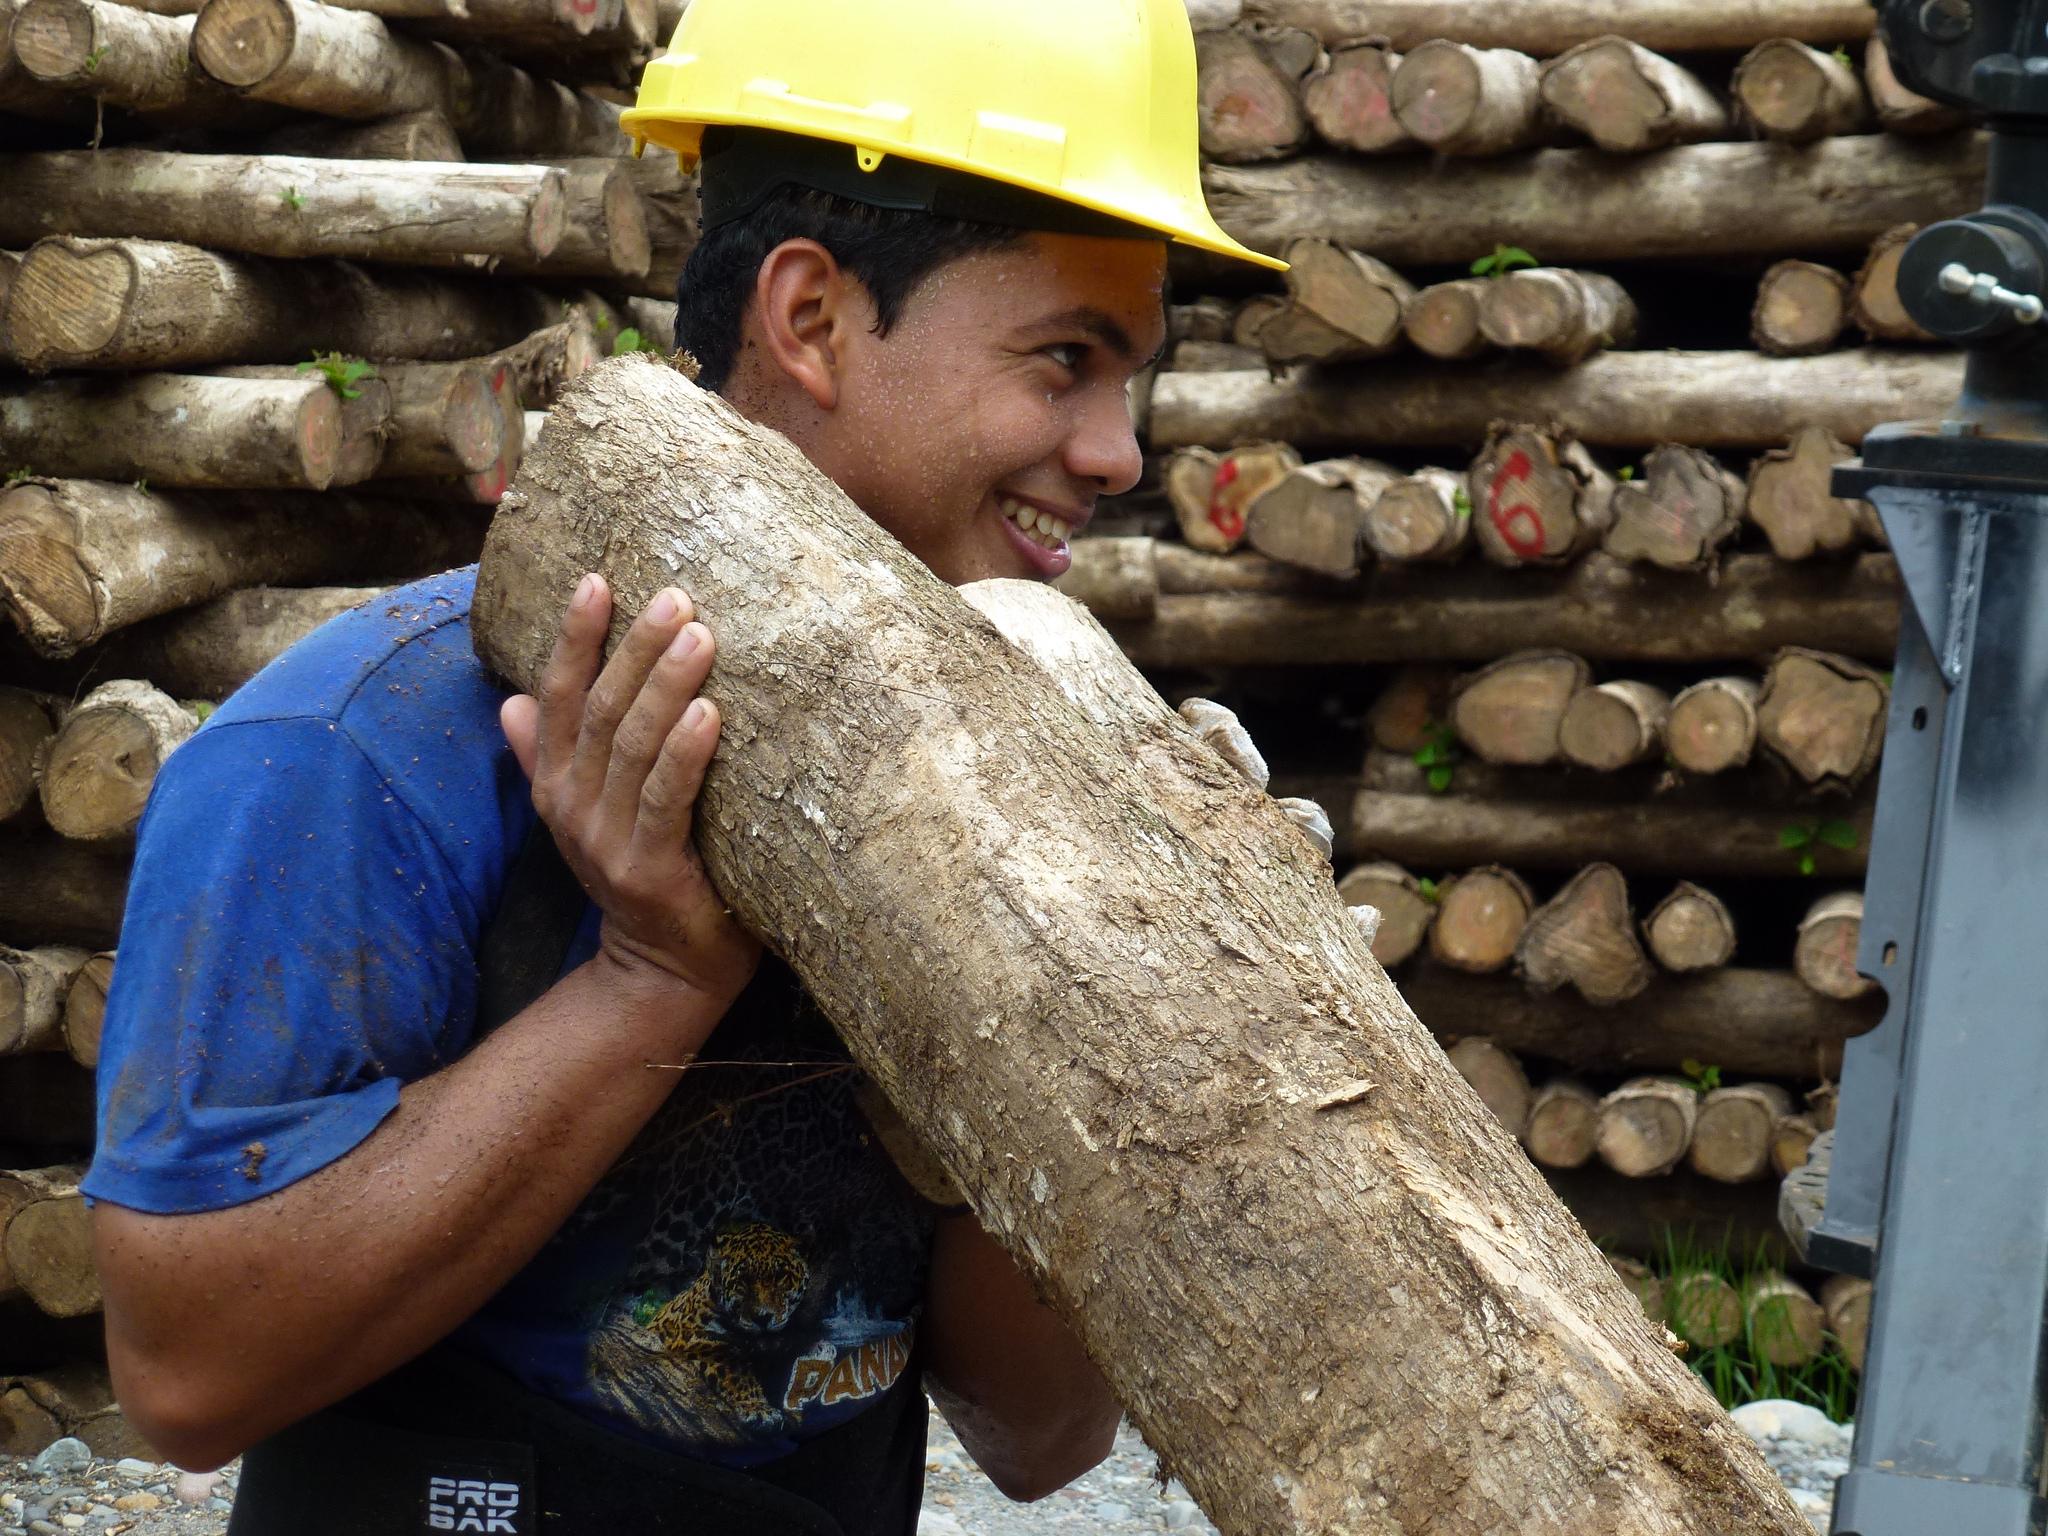 Auf der ForestFinance-Finca Boca del Monte in Panama wird nach den Durchforstungsarbeiten das geerntete Teakholz in Container verladen. Damit die Hölzer rückverfolgbar sind, werden sie entsprechend gekennzeichnet. Foto: ForestFinance